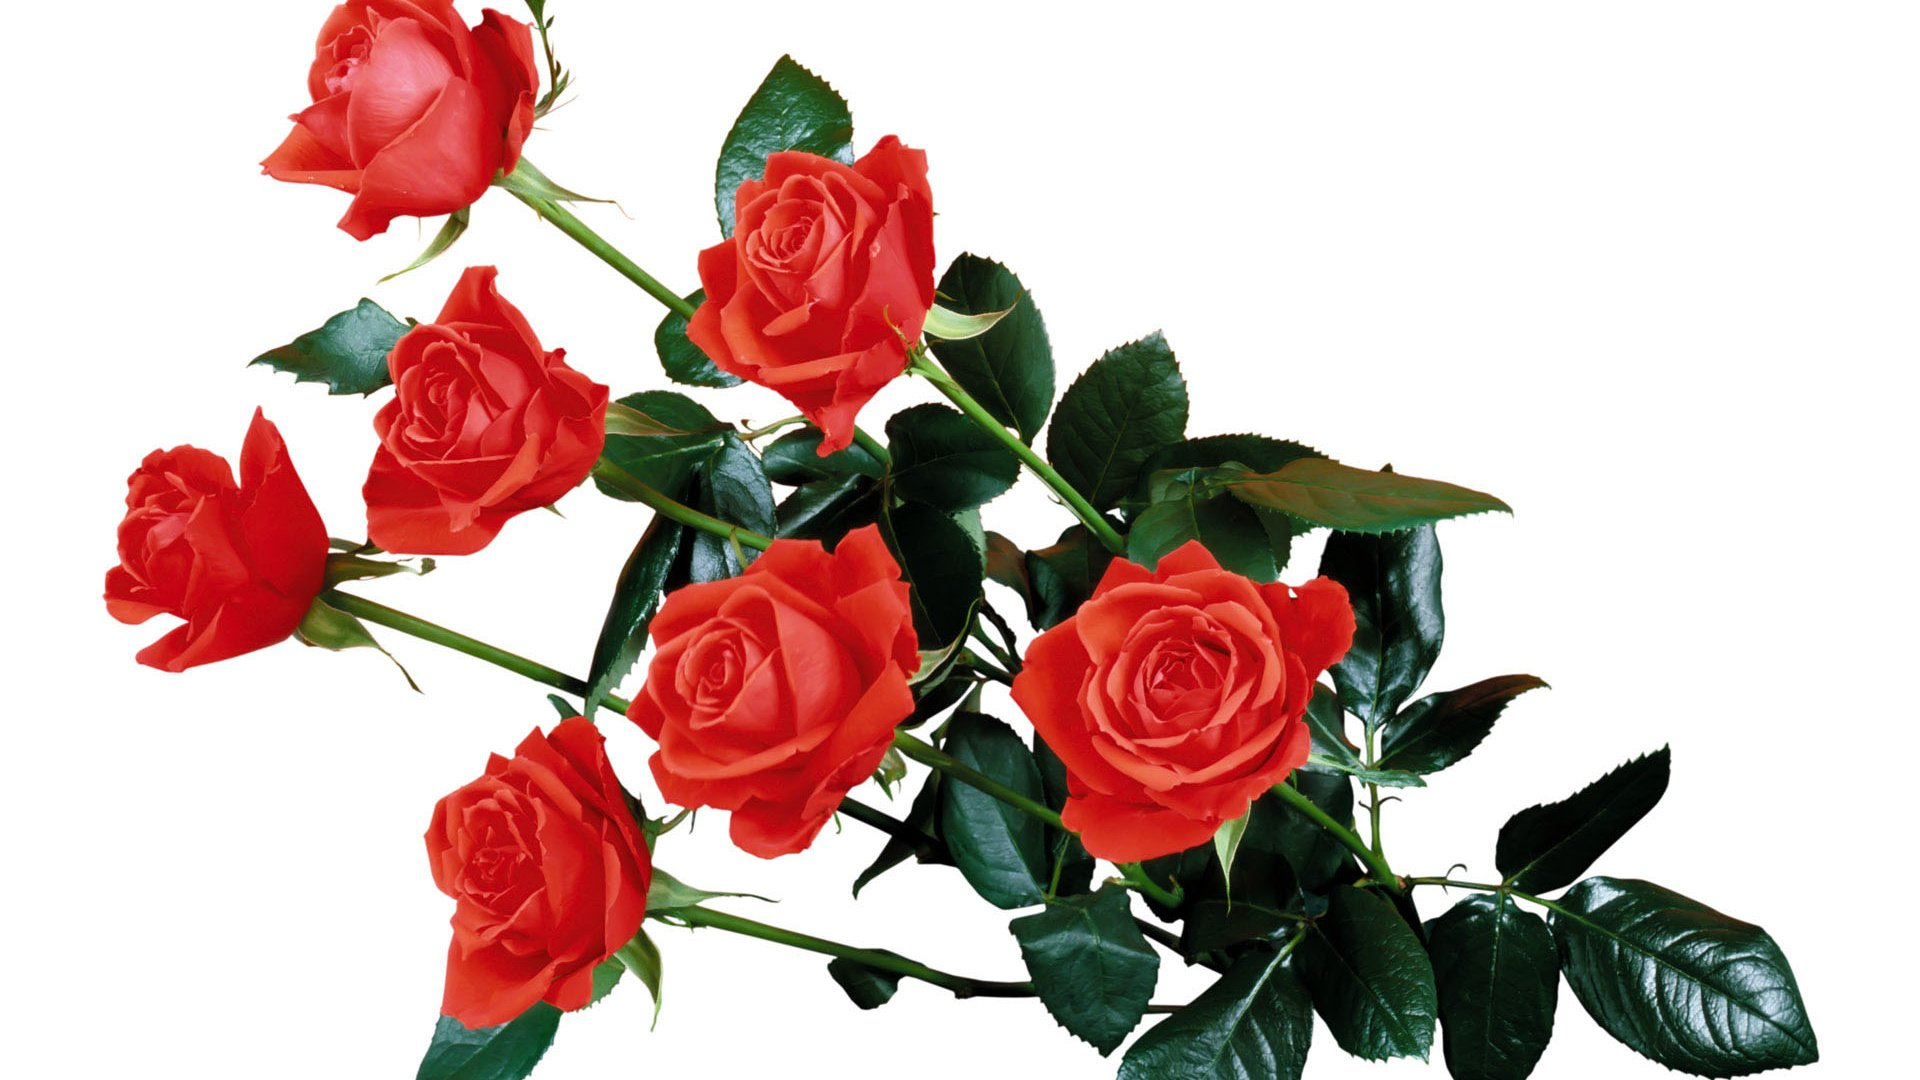 Открытка с розами на белом фоне, картинка для дочки